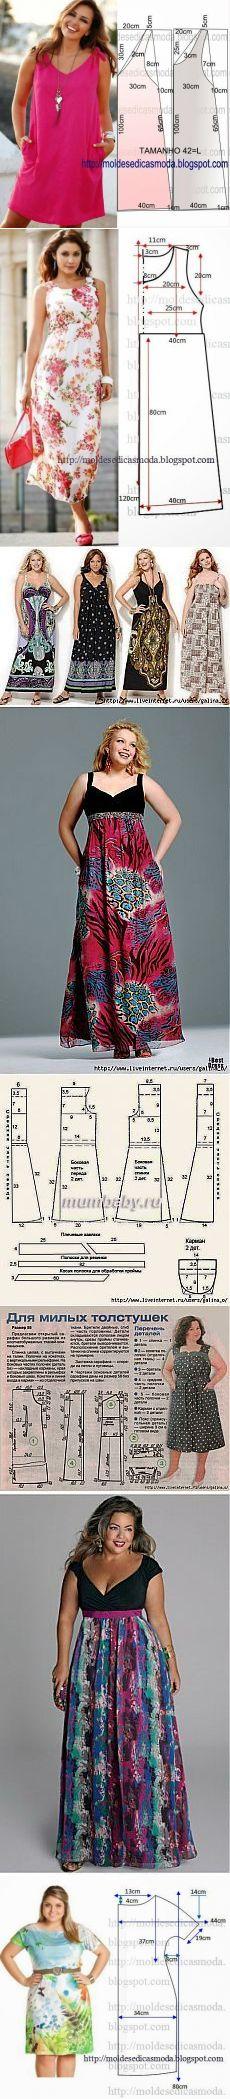 Patrones de vestidos de verano vestidos de verano y en la figura completa.